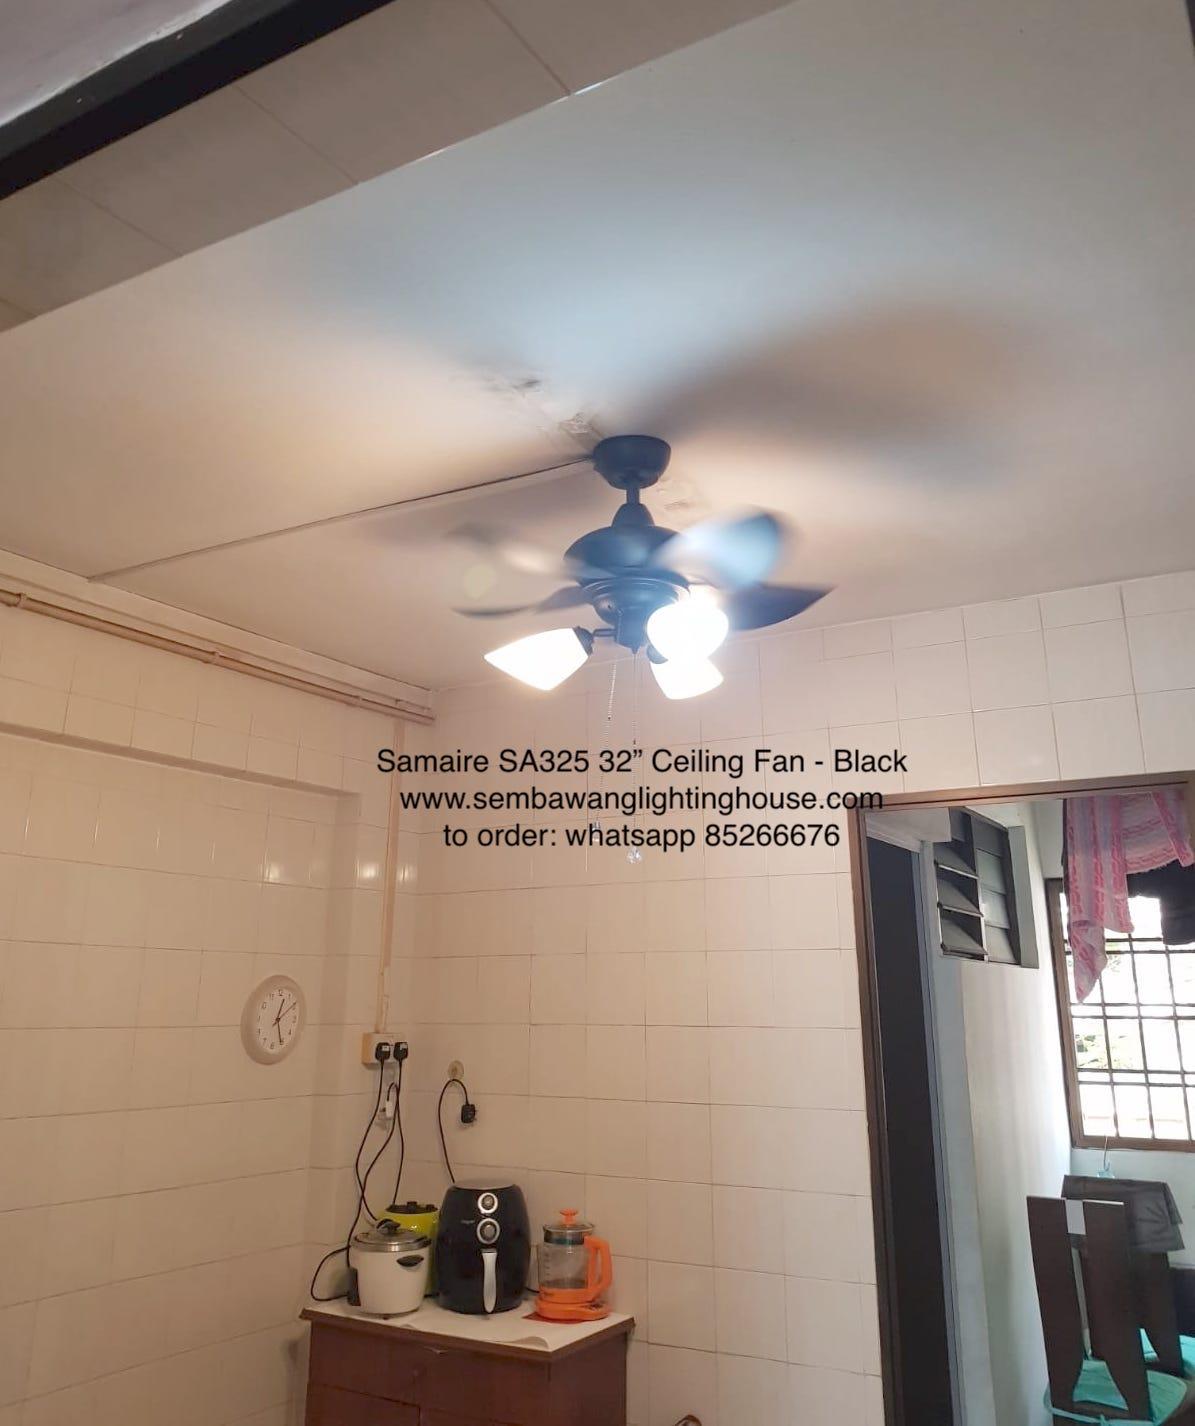 sample01-samaire-sa325-black-ceiling-fan-sembawang-lighting-house.jpg